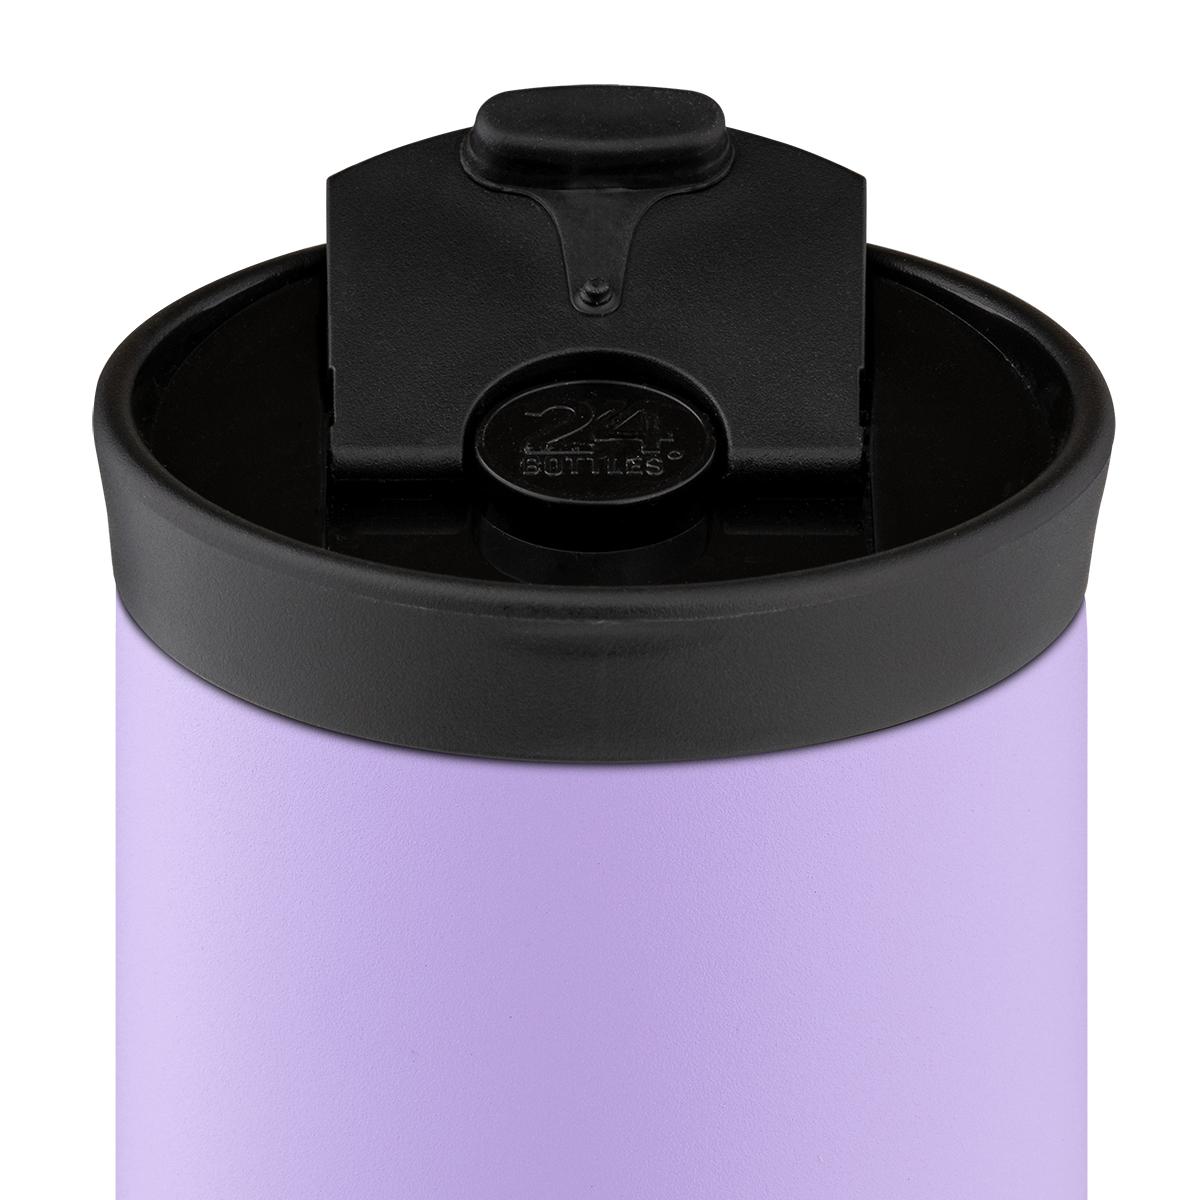 ボトル本体は、真空層を挟んだ、二層ステンレス製。コーヒーや紅茶は温かいまま、水やスポーツドリンクは冷たいまま、おいしい温度をキープできます。毎日持ち歩きたくなる、色柄豊富なイタリアンデザインのマイボトル 24Bottles(トゥエンティーフォーボトルズ)